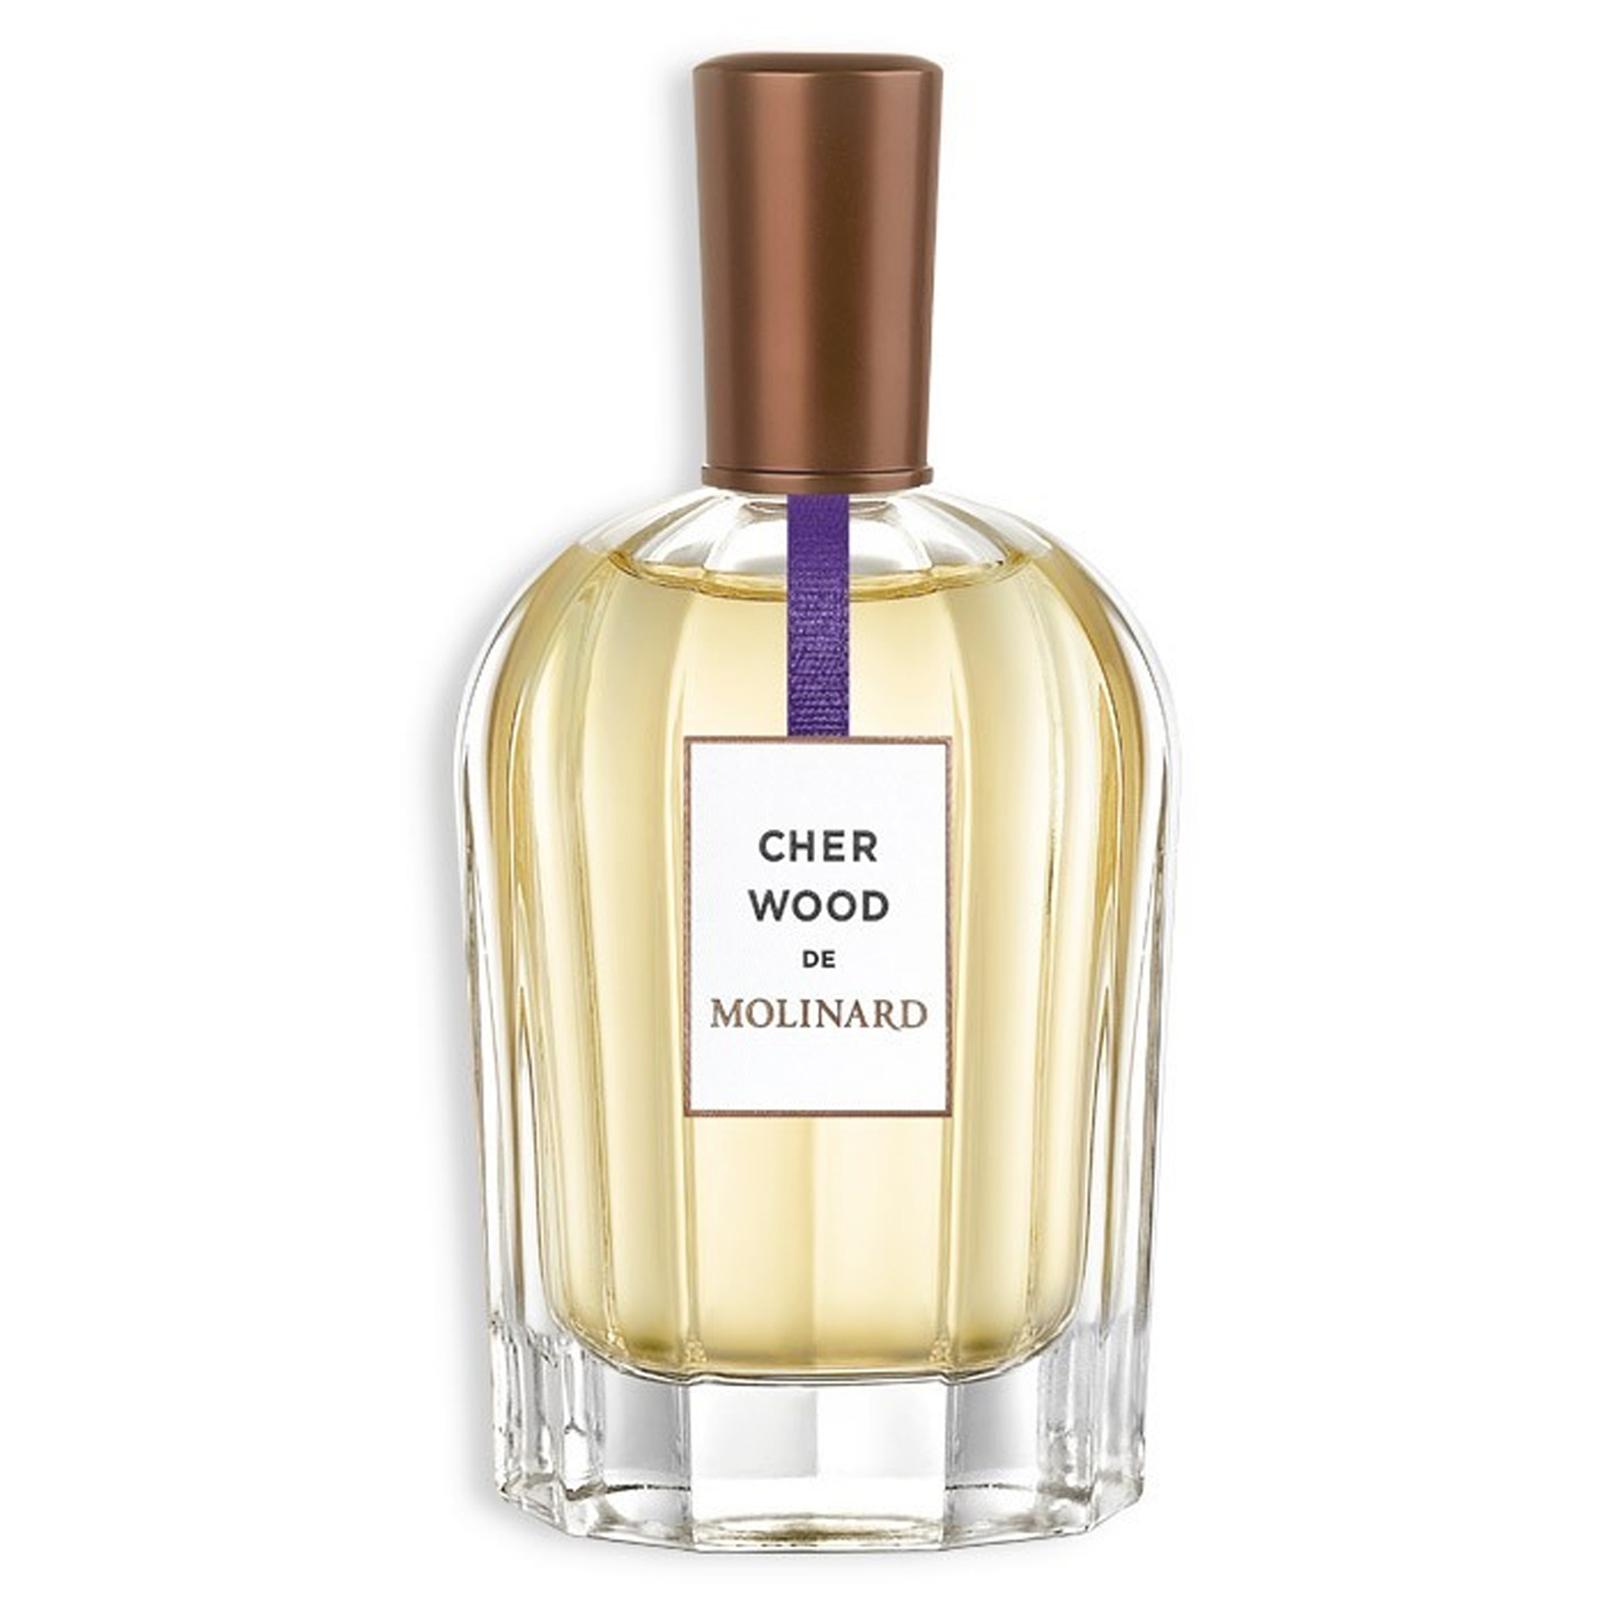 Cher wood profumo eau de parfum 90 ml